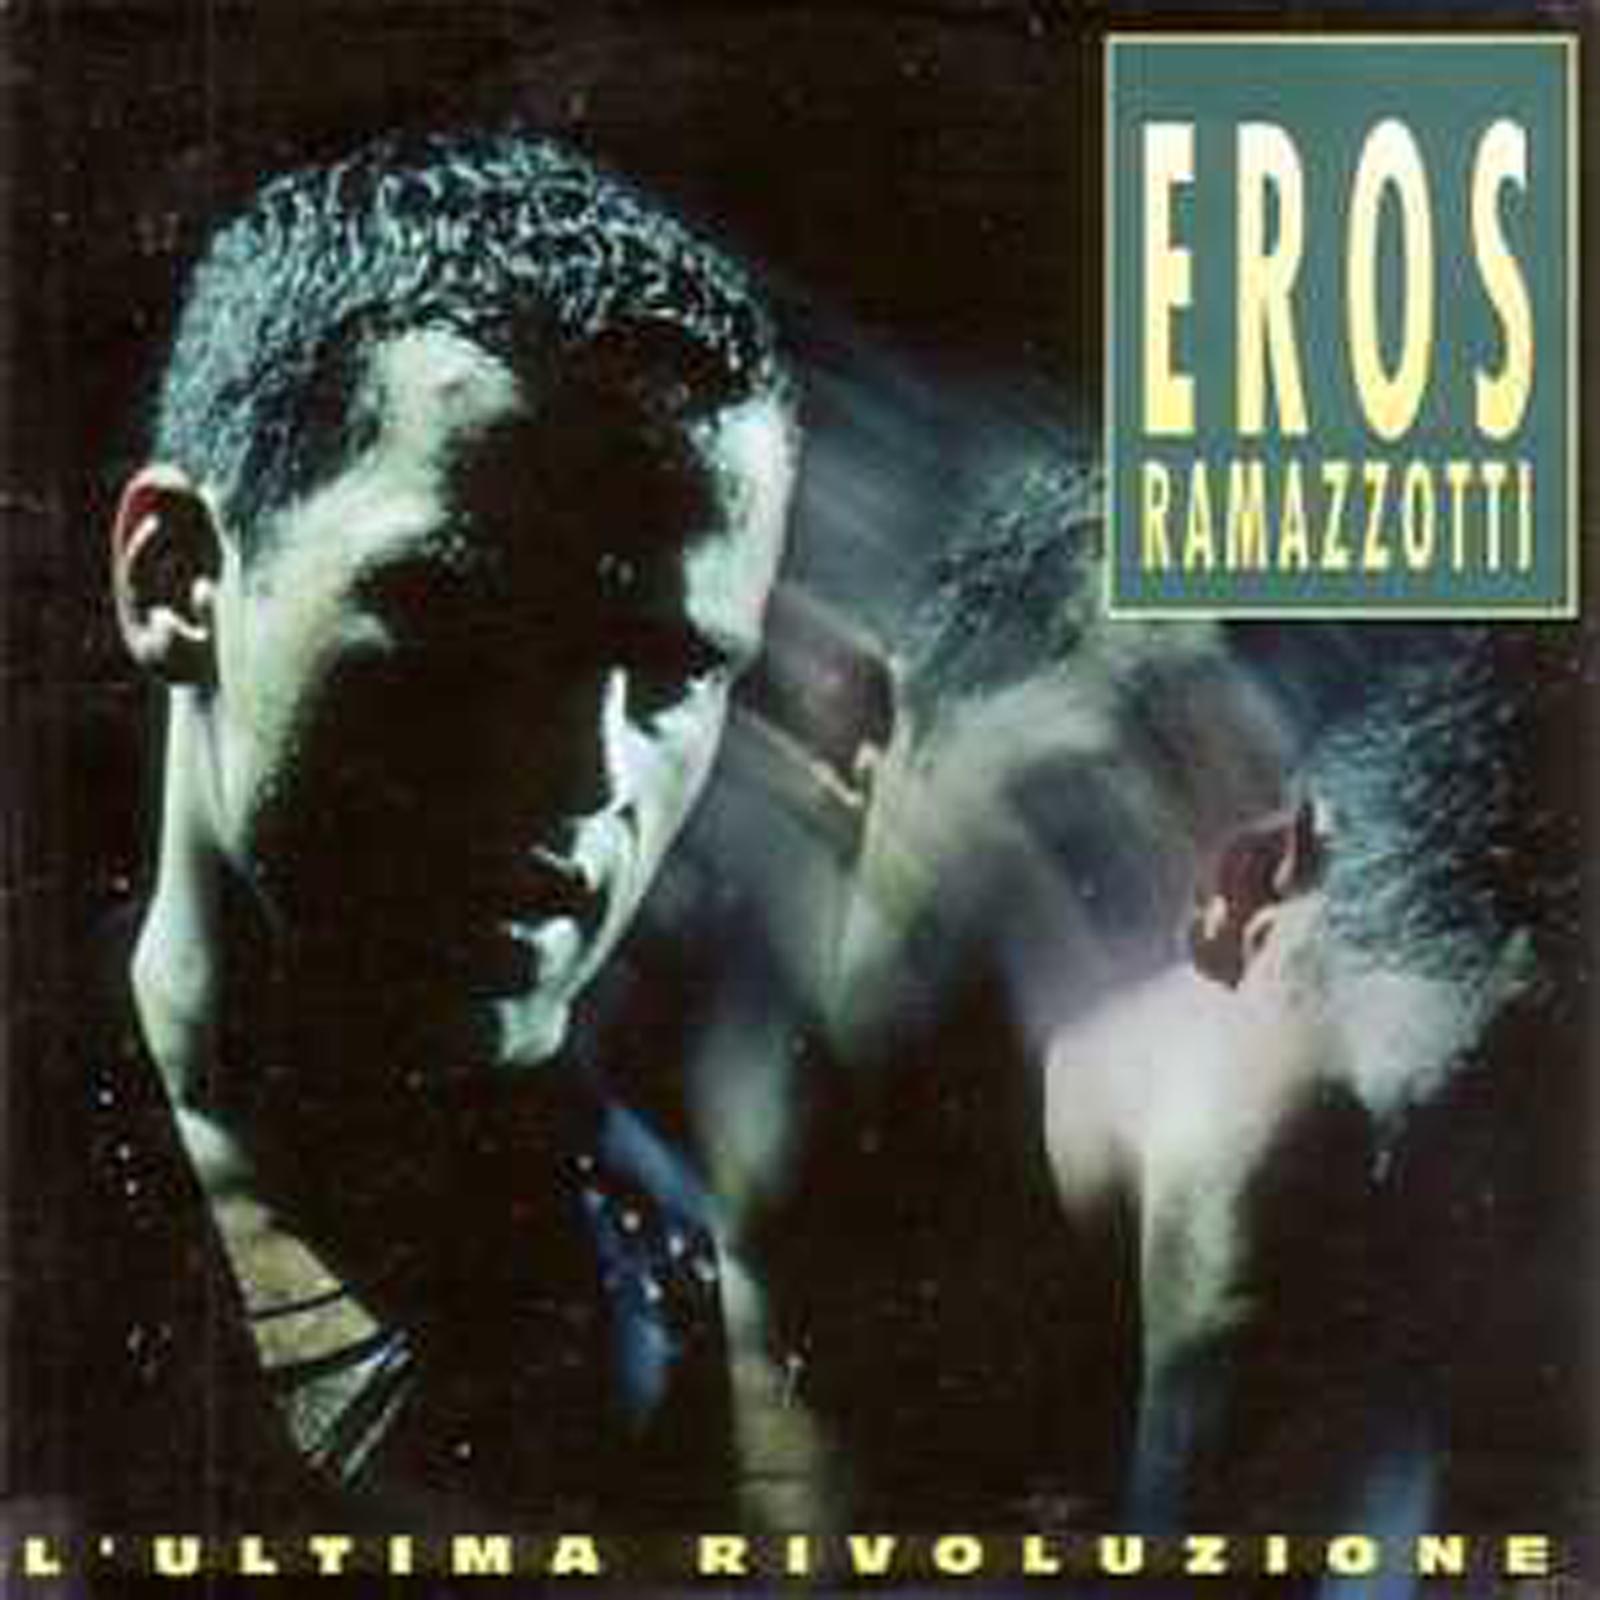 EROS RAMAZZOTTI - L'ultima rivoluzione 2-TRACK CARD SLEEVE FRANCE RARE - CD single